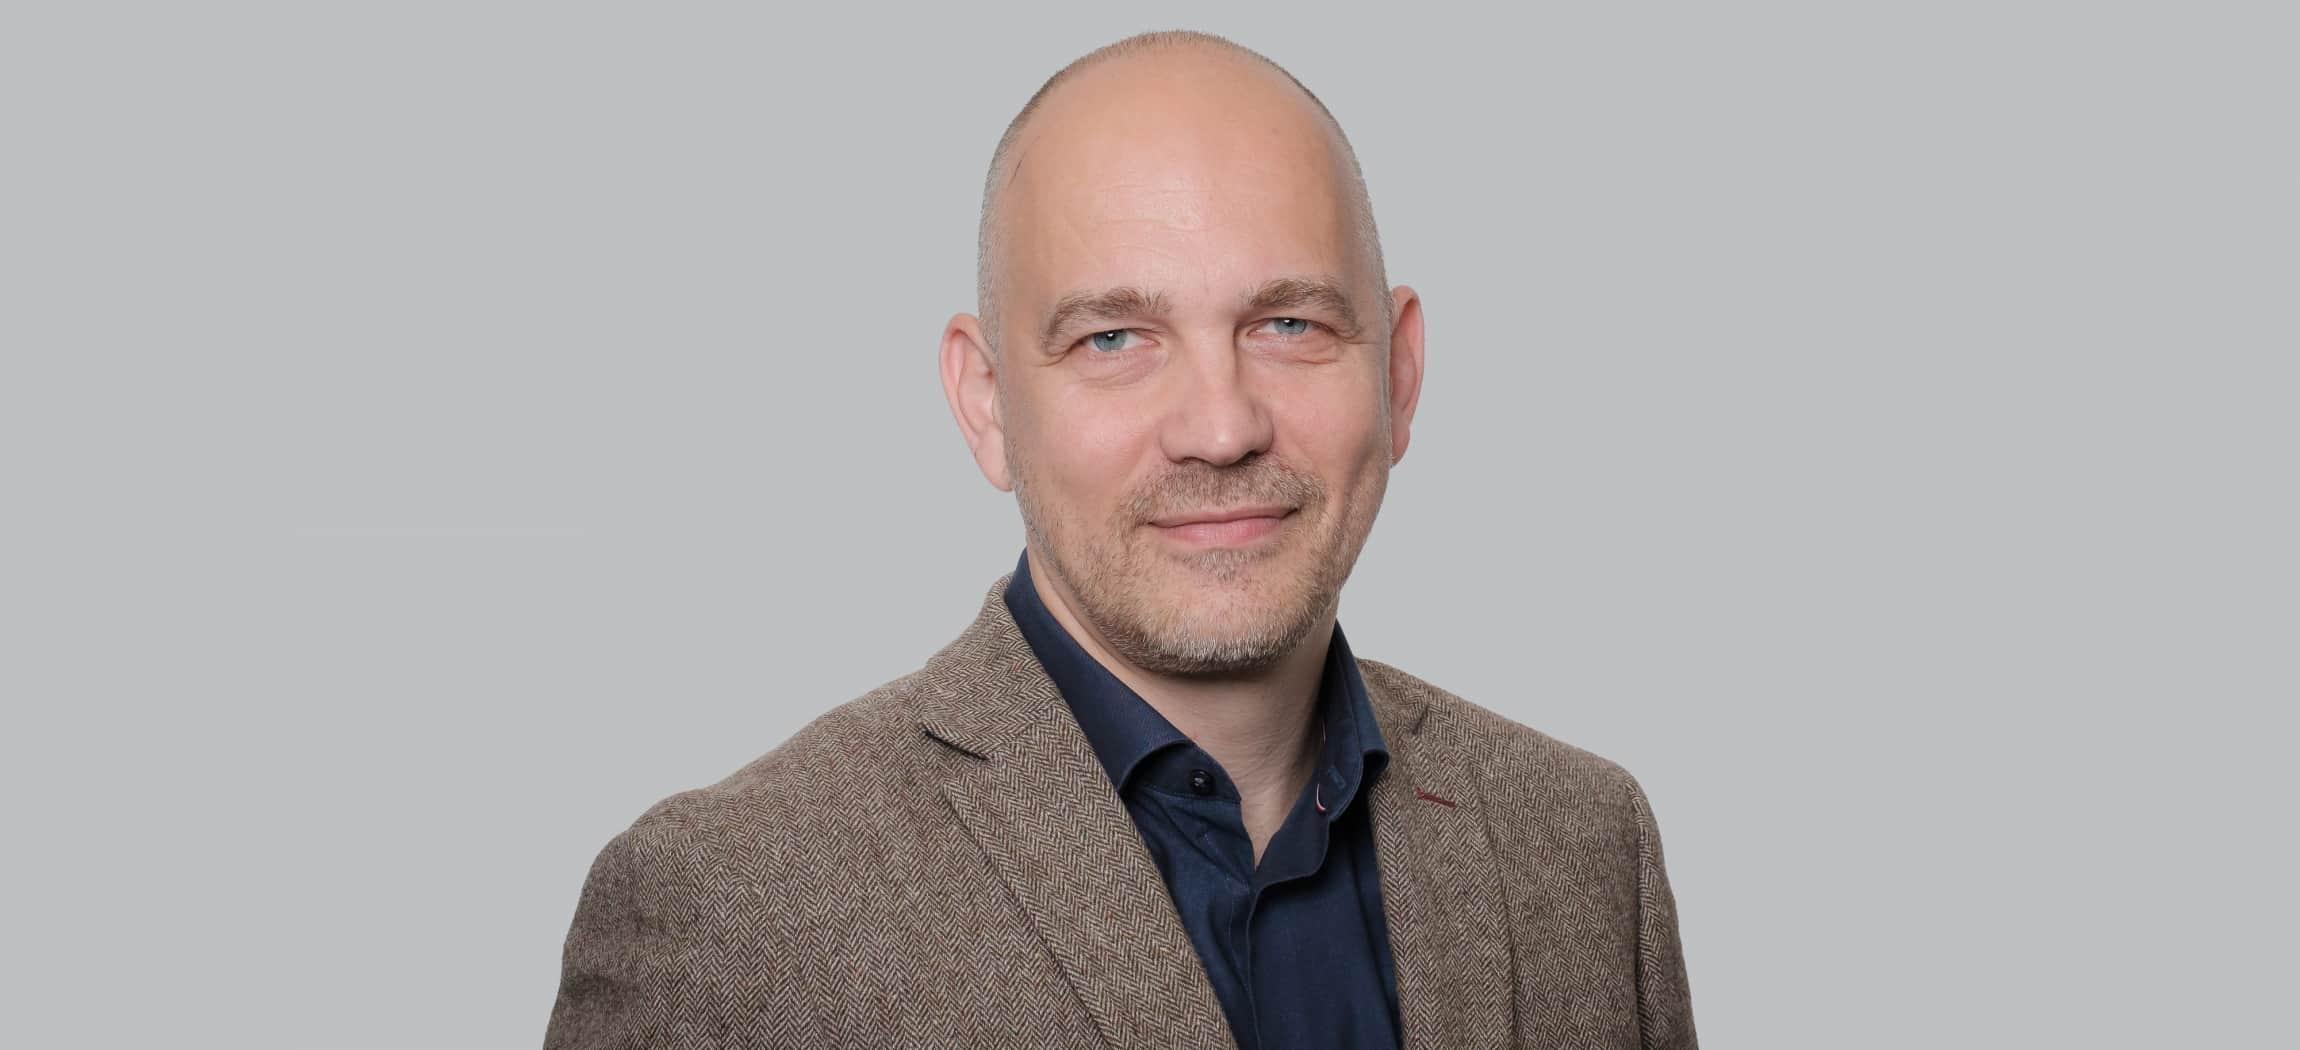 Pieter Stenger portret